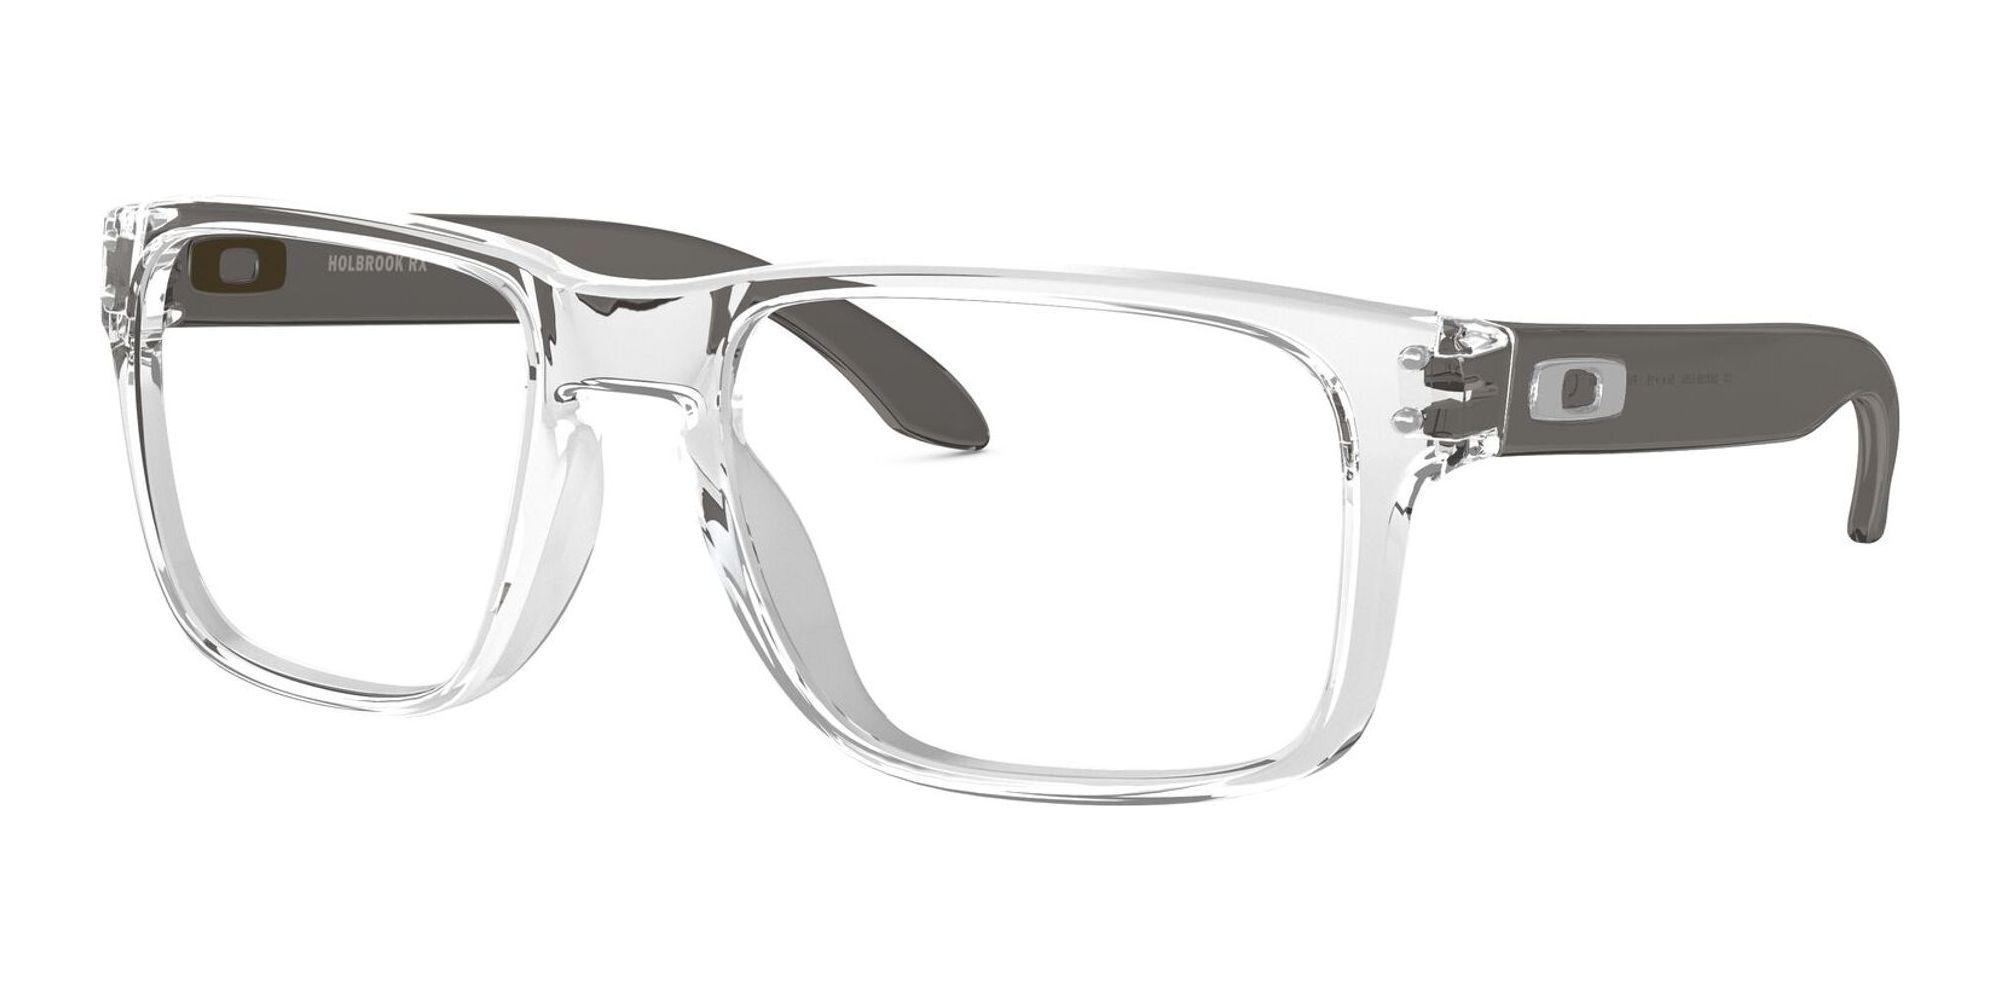 Oakley HOLBROOK RX OX 8156